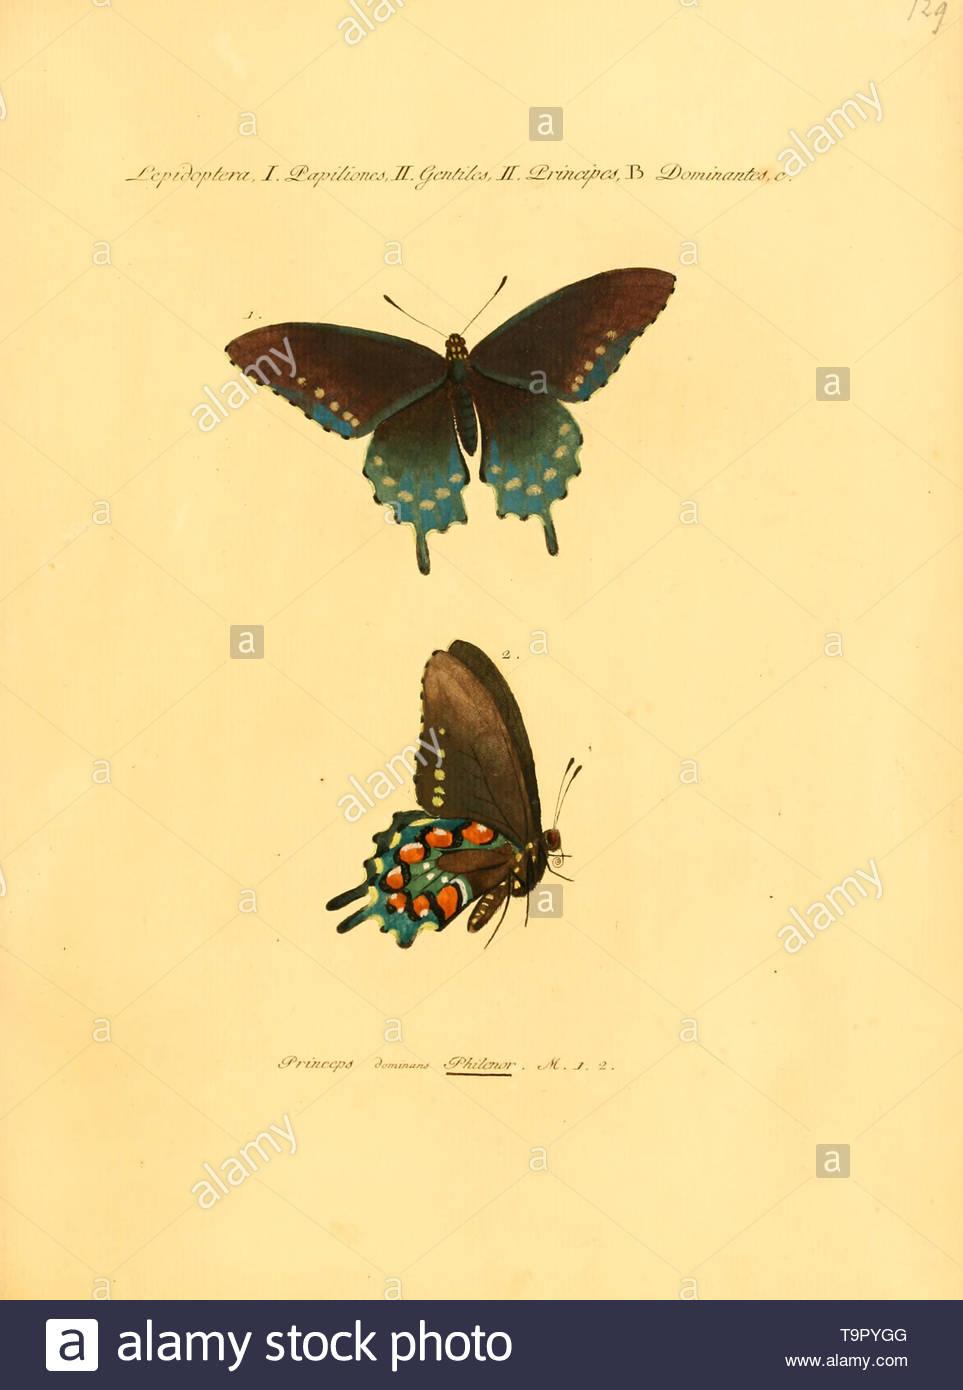 Sammlung exotischer Schmetterlinge, by Jacob H¿bner, 1806. - Stock Image